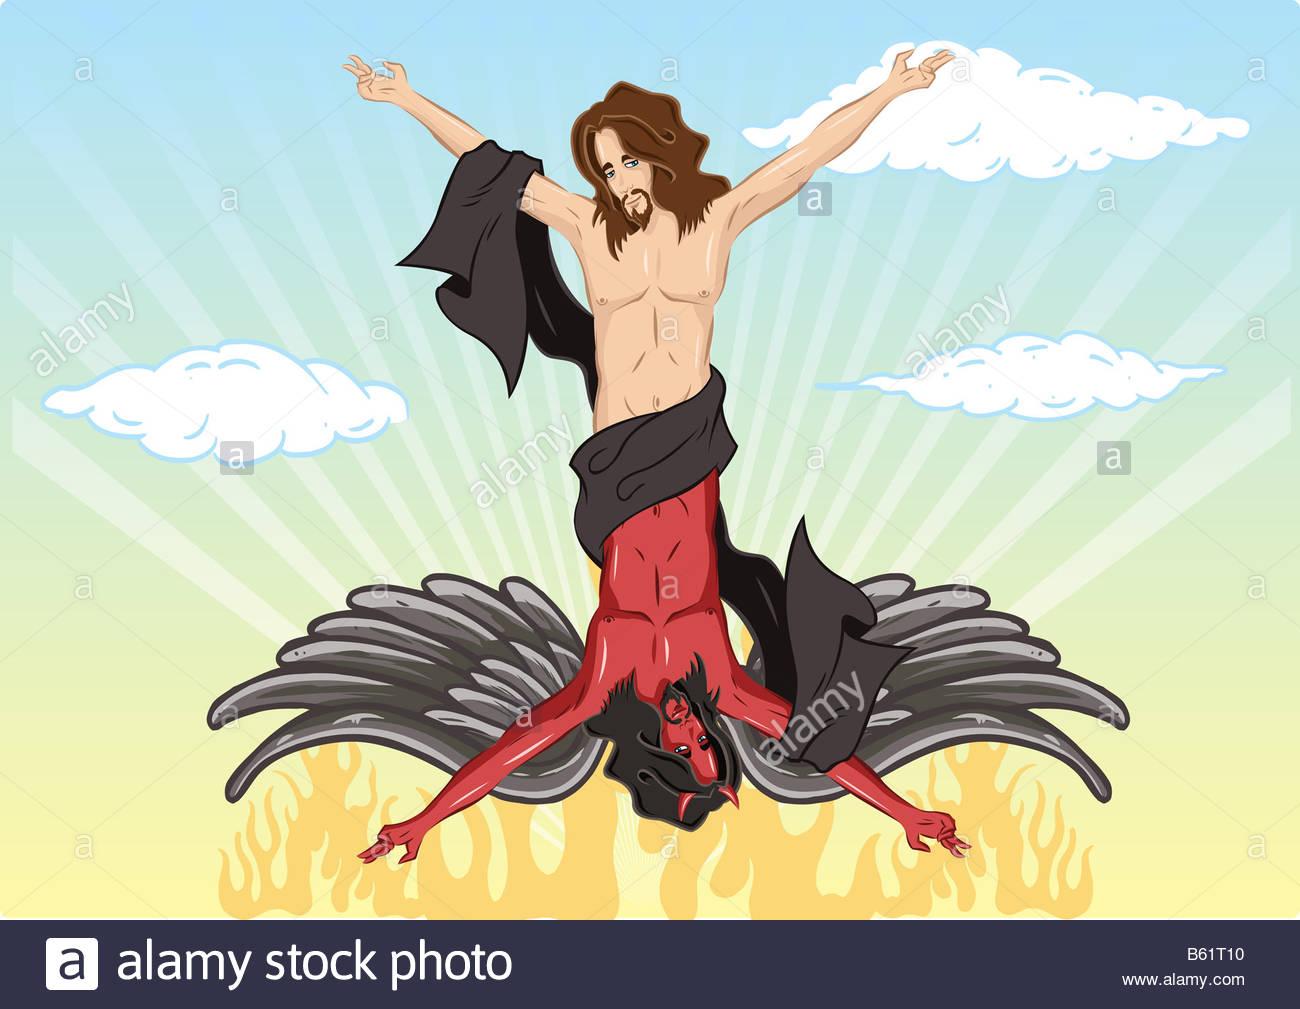 La dualidad hombre cartoon ilustración Imagen De Stock